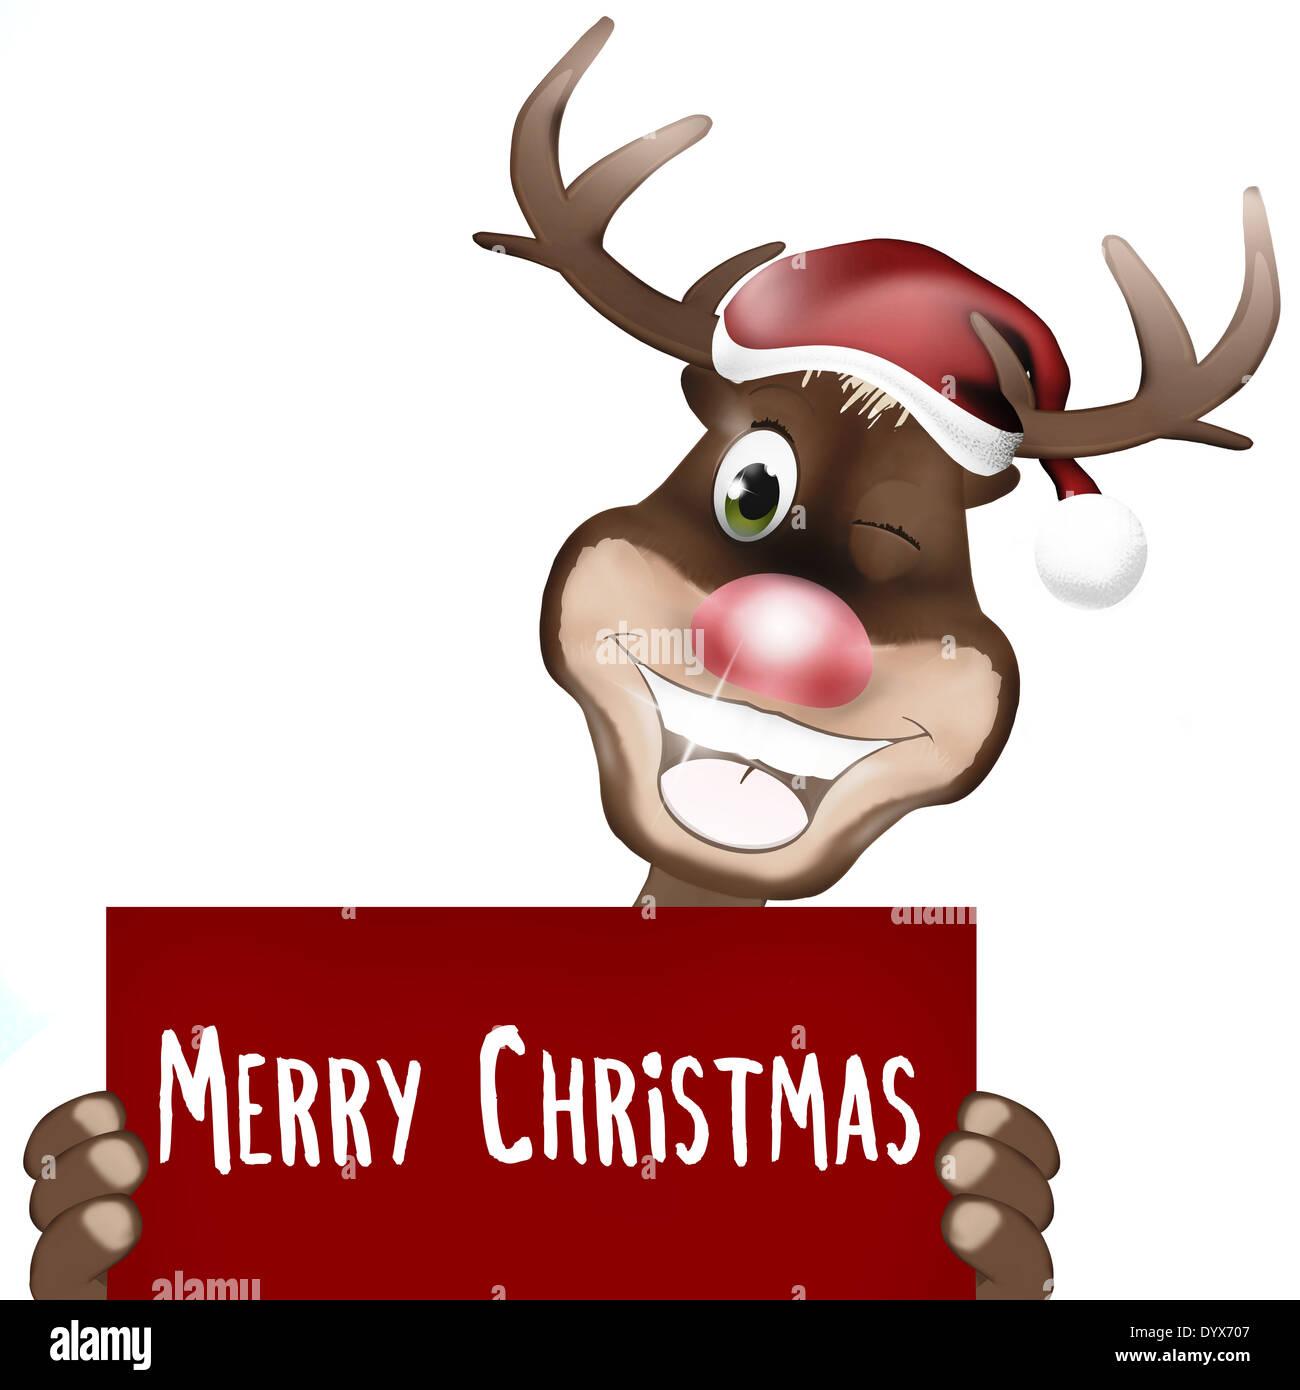 Rudolph Red Nose Frohe Weihnachten Stockfoto, Bild: 68803063 - Alamy